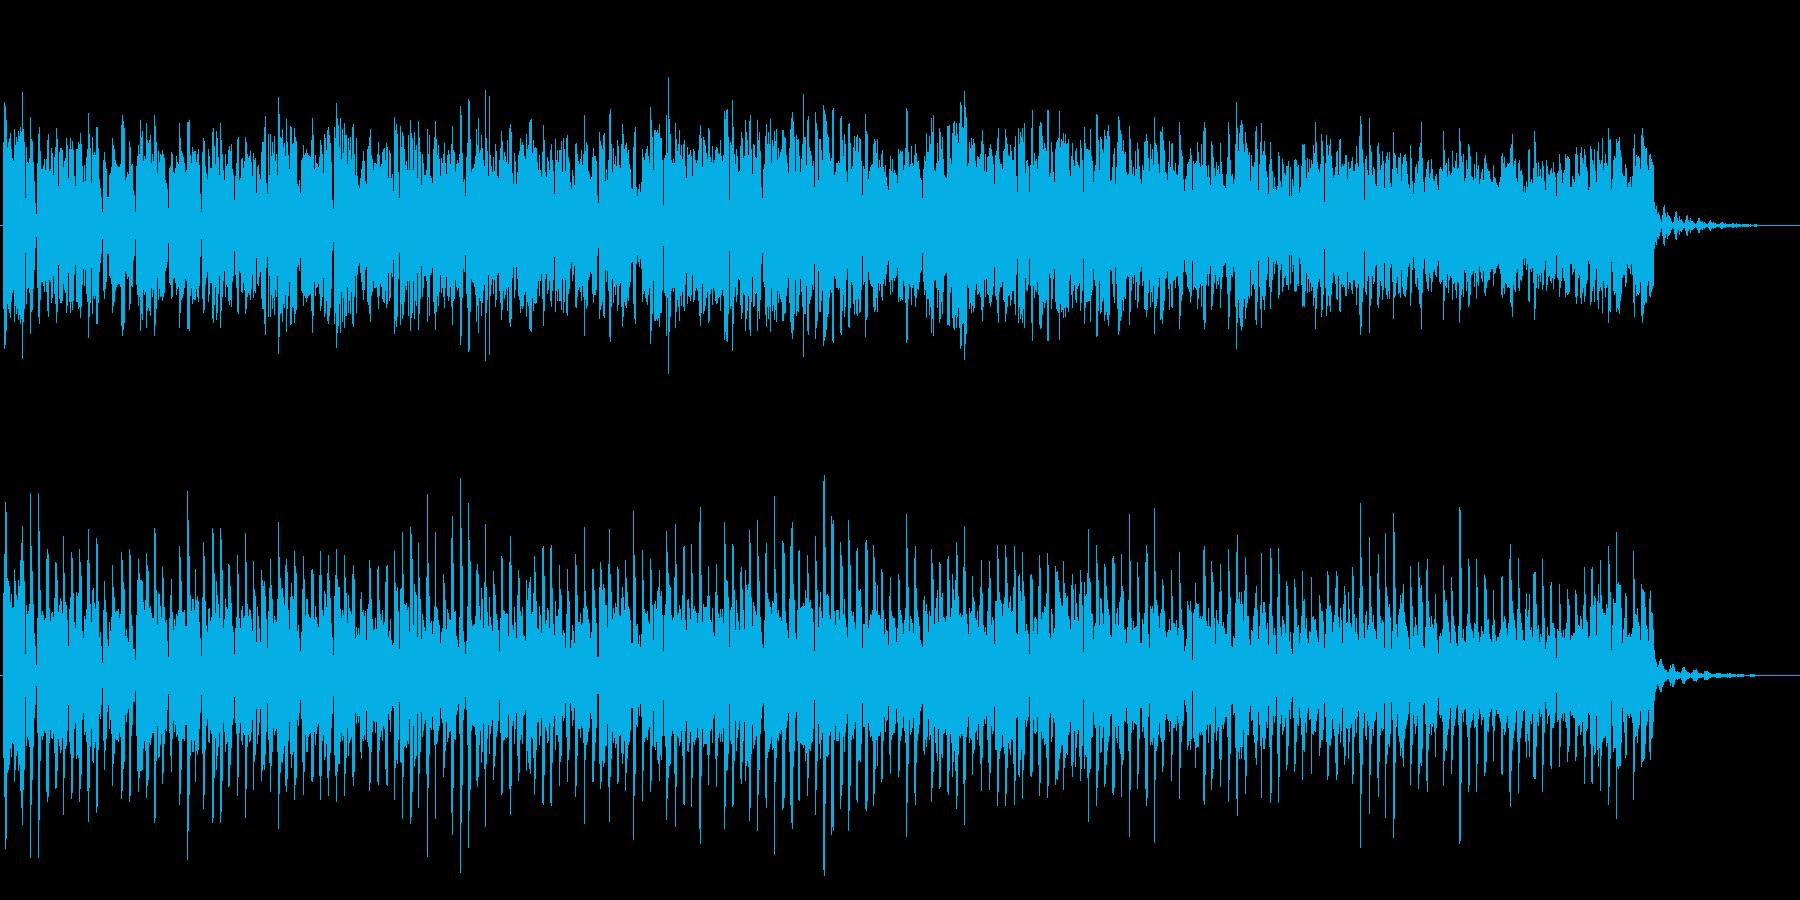 【レゲエ】 沼 熱帯雨林 【ダブ】の再生済みの波形